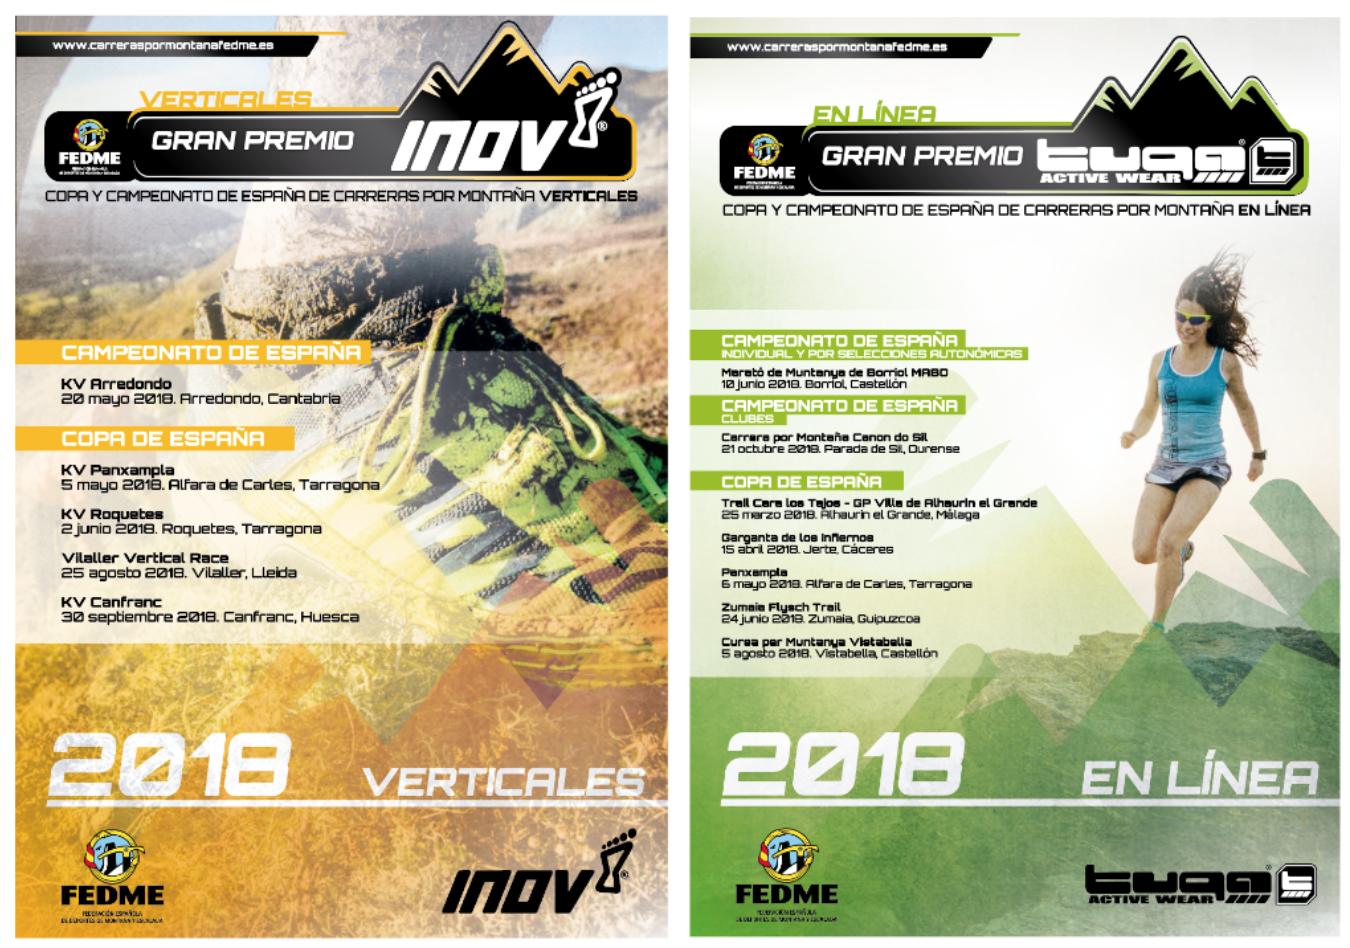 Presentación de los nuevos sponsors para las carreras por Montaña FEDME 2018